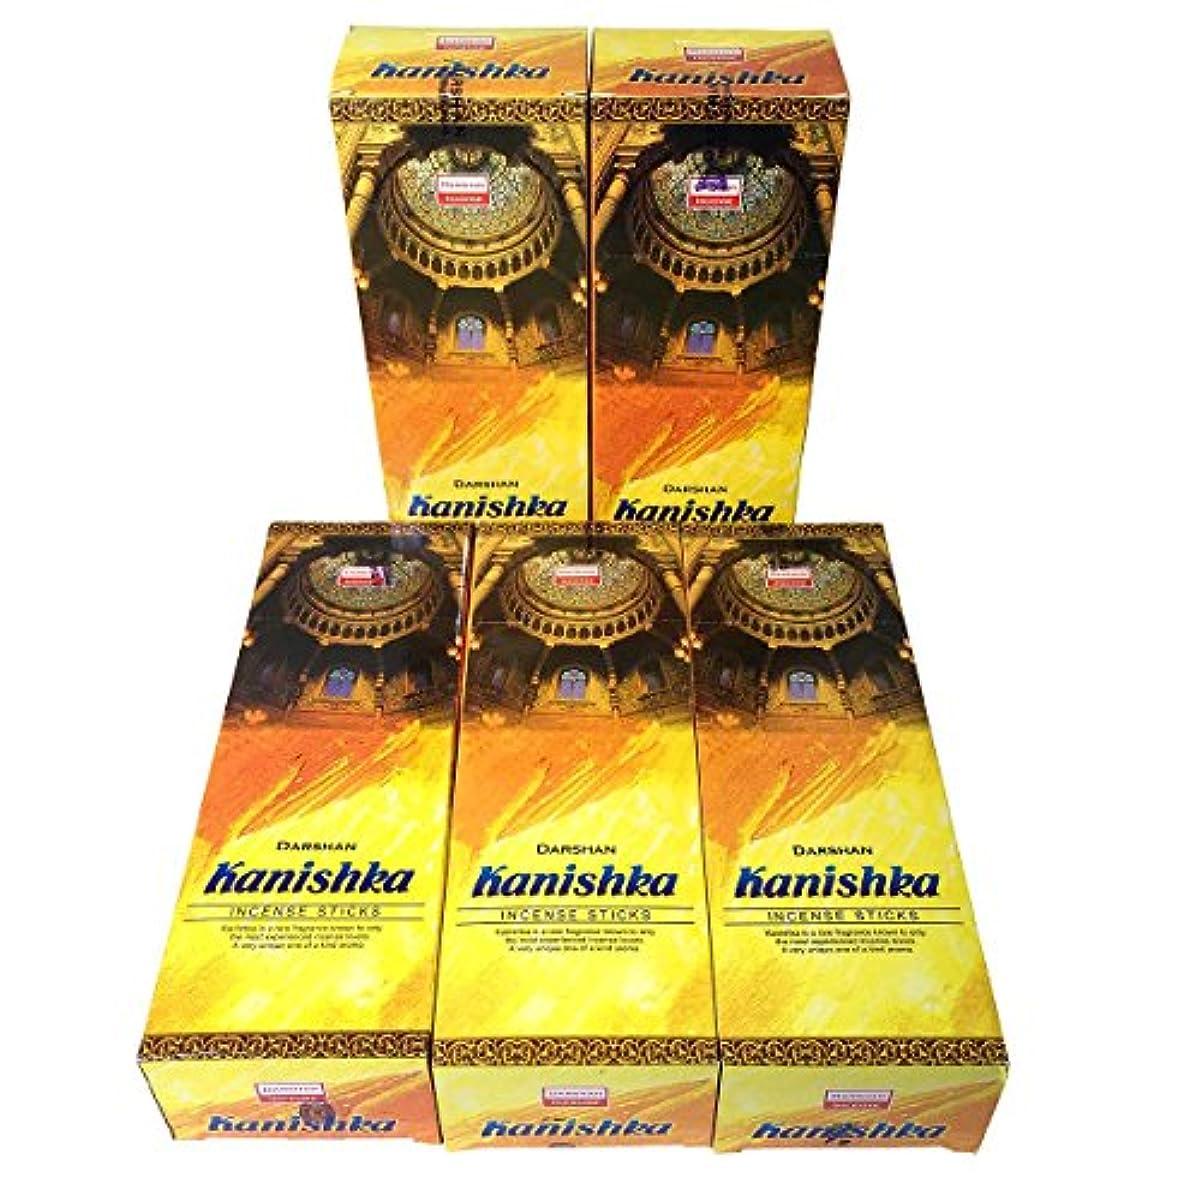 スクラッチ過言特許カニシュカ香スティック 5BOX(30箱)/DARSHAN KANISHKA/ インド香 / 送料無料 [並行輸入品]